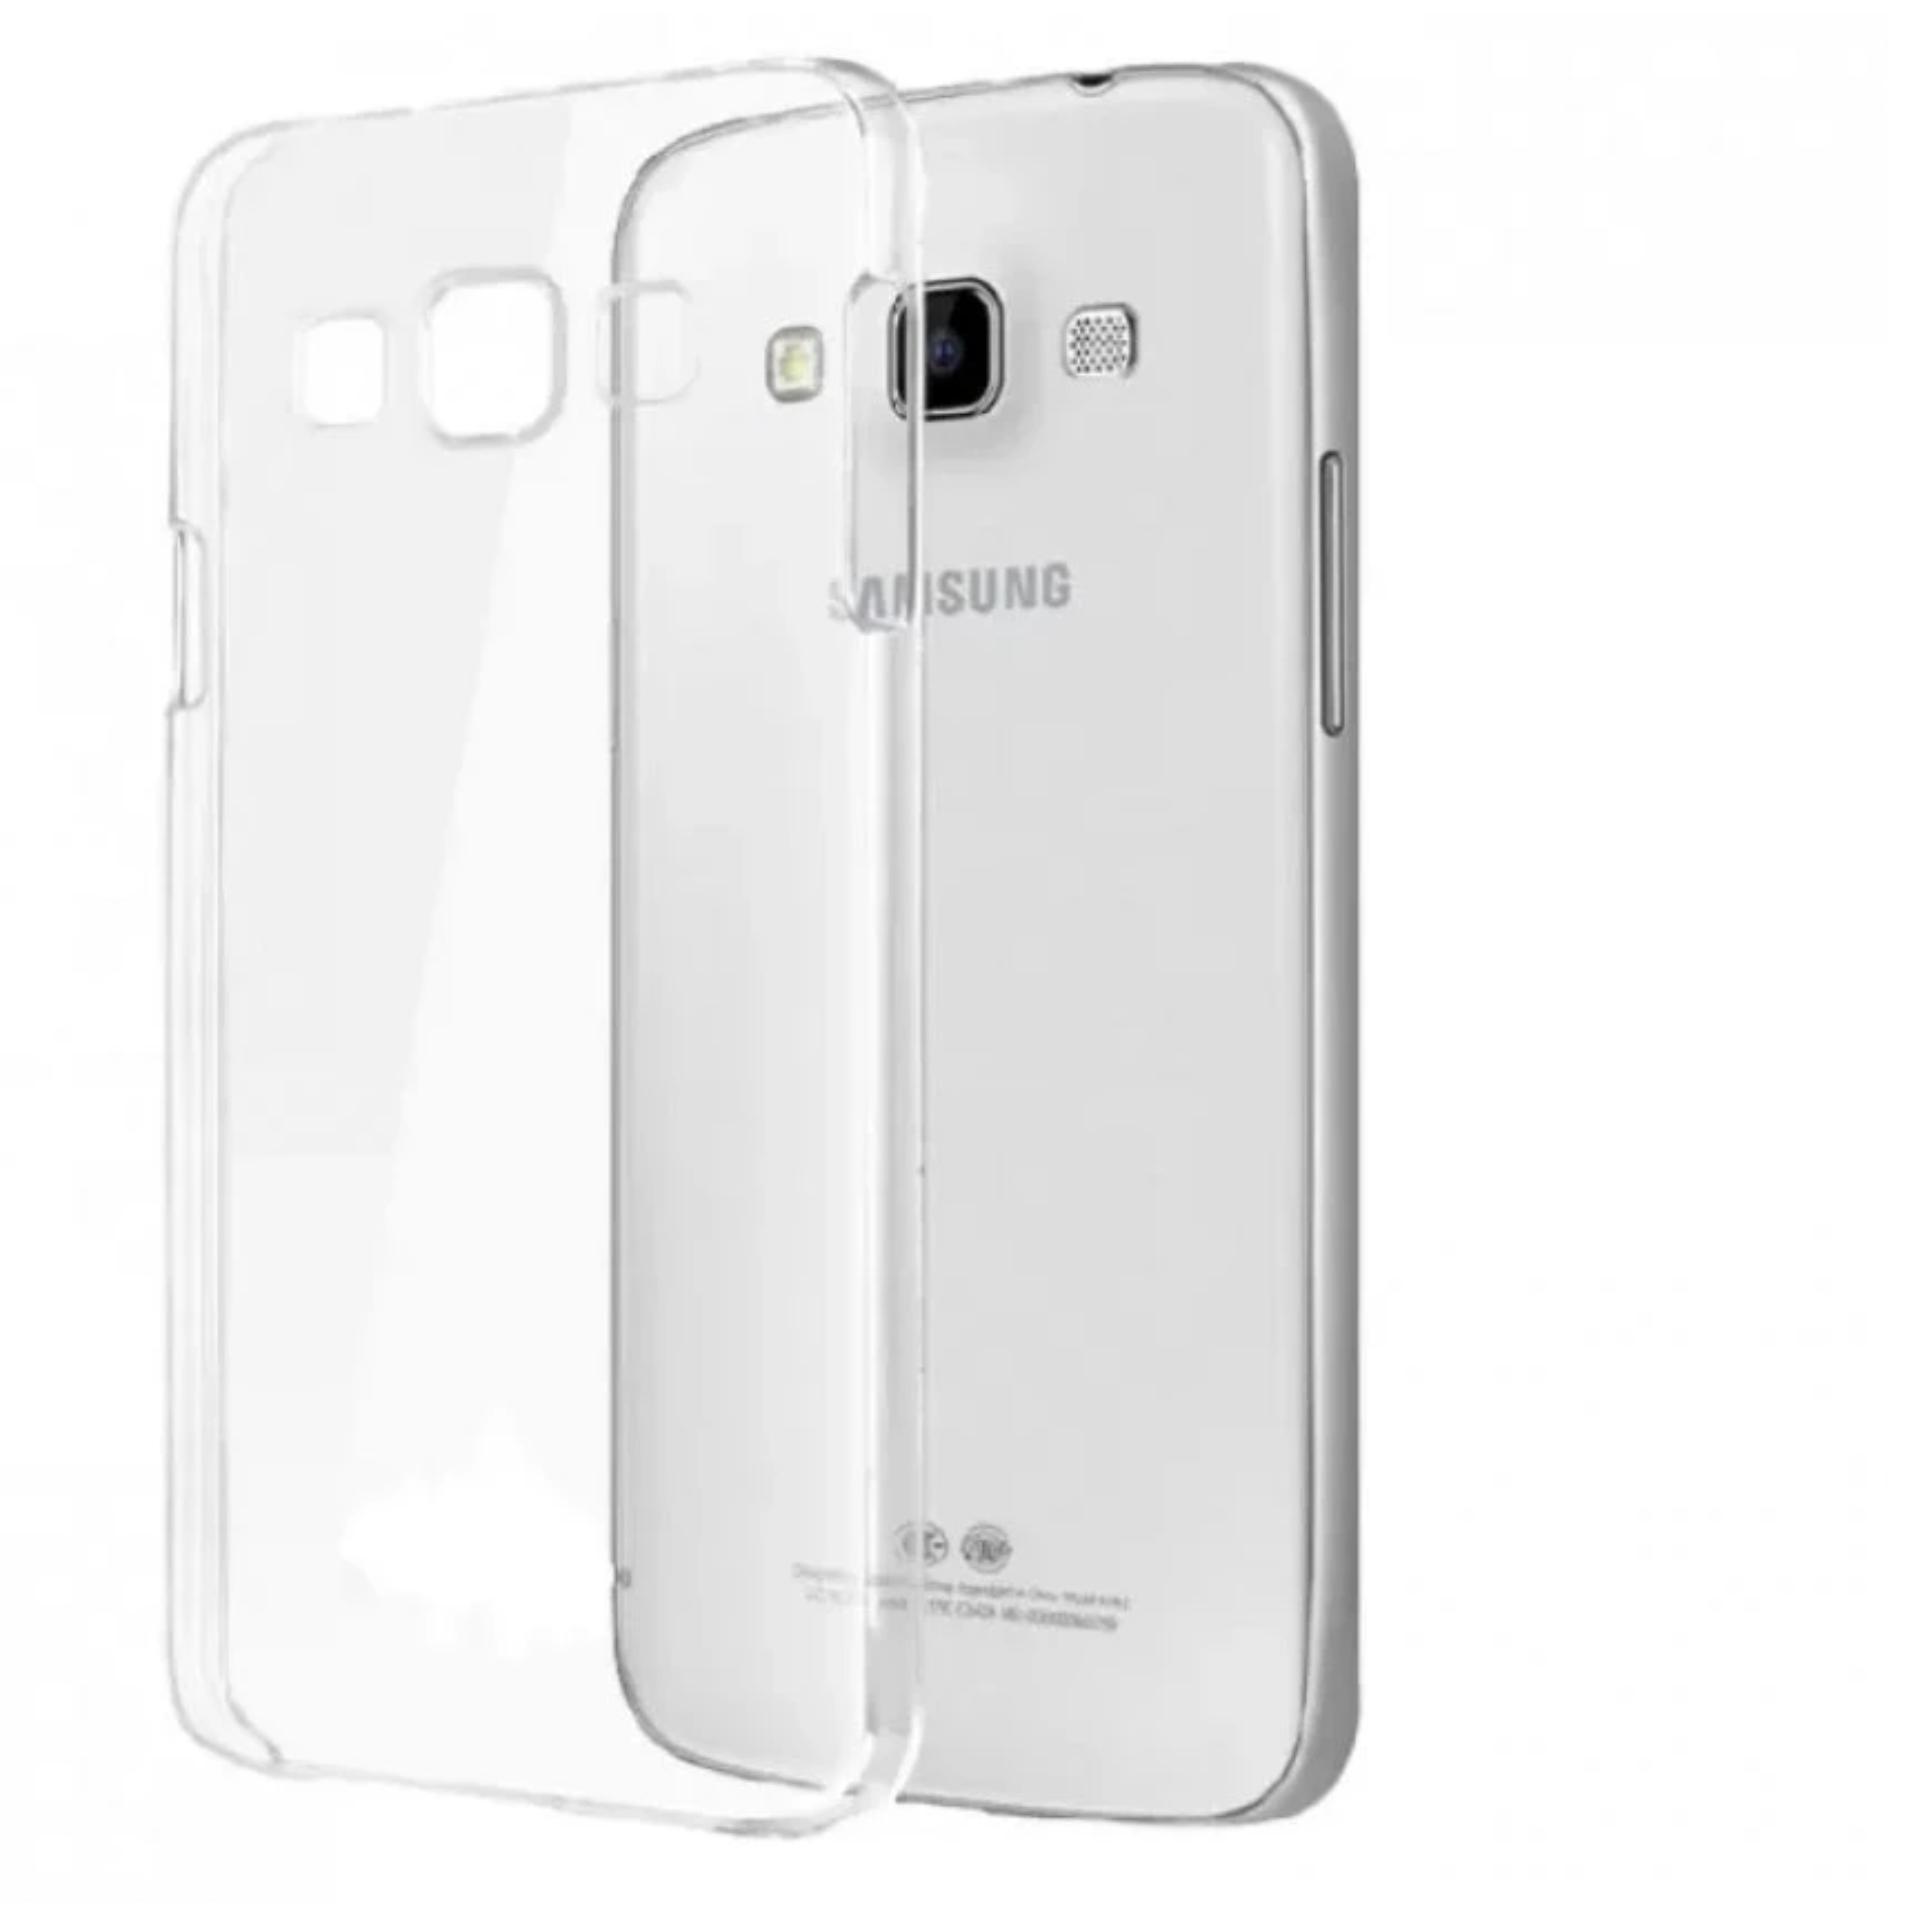 Ốp lưng Silicon cho Samsung Galaxy S3